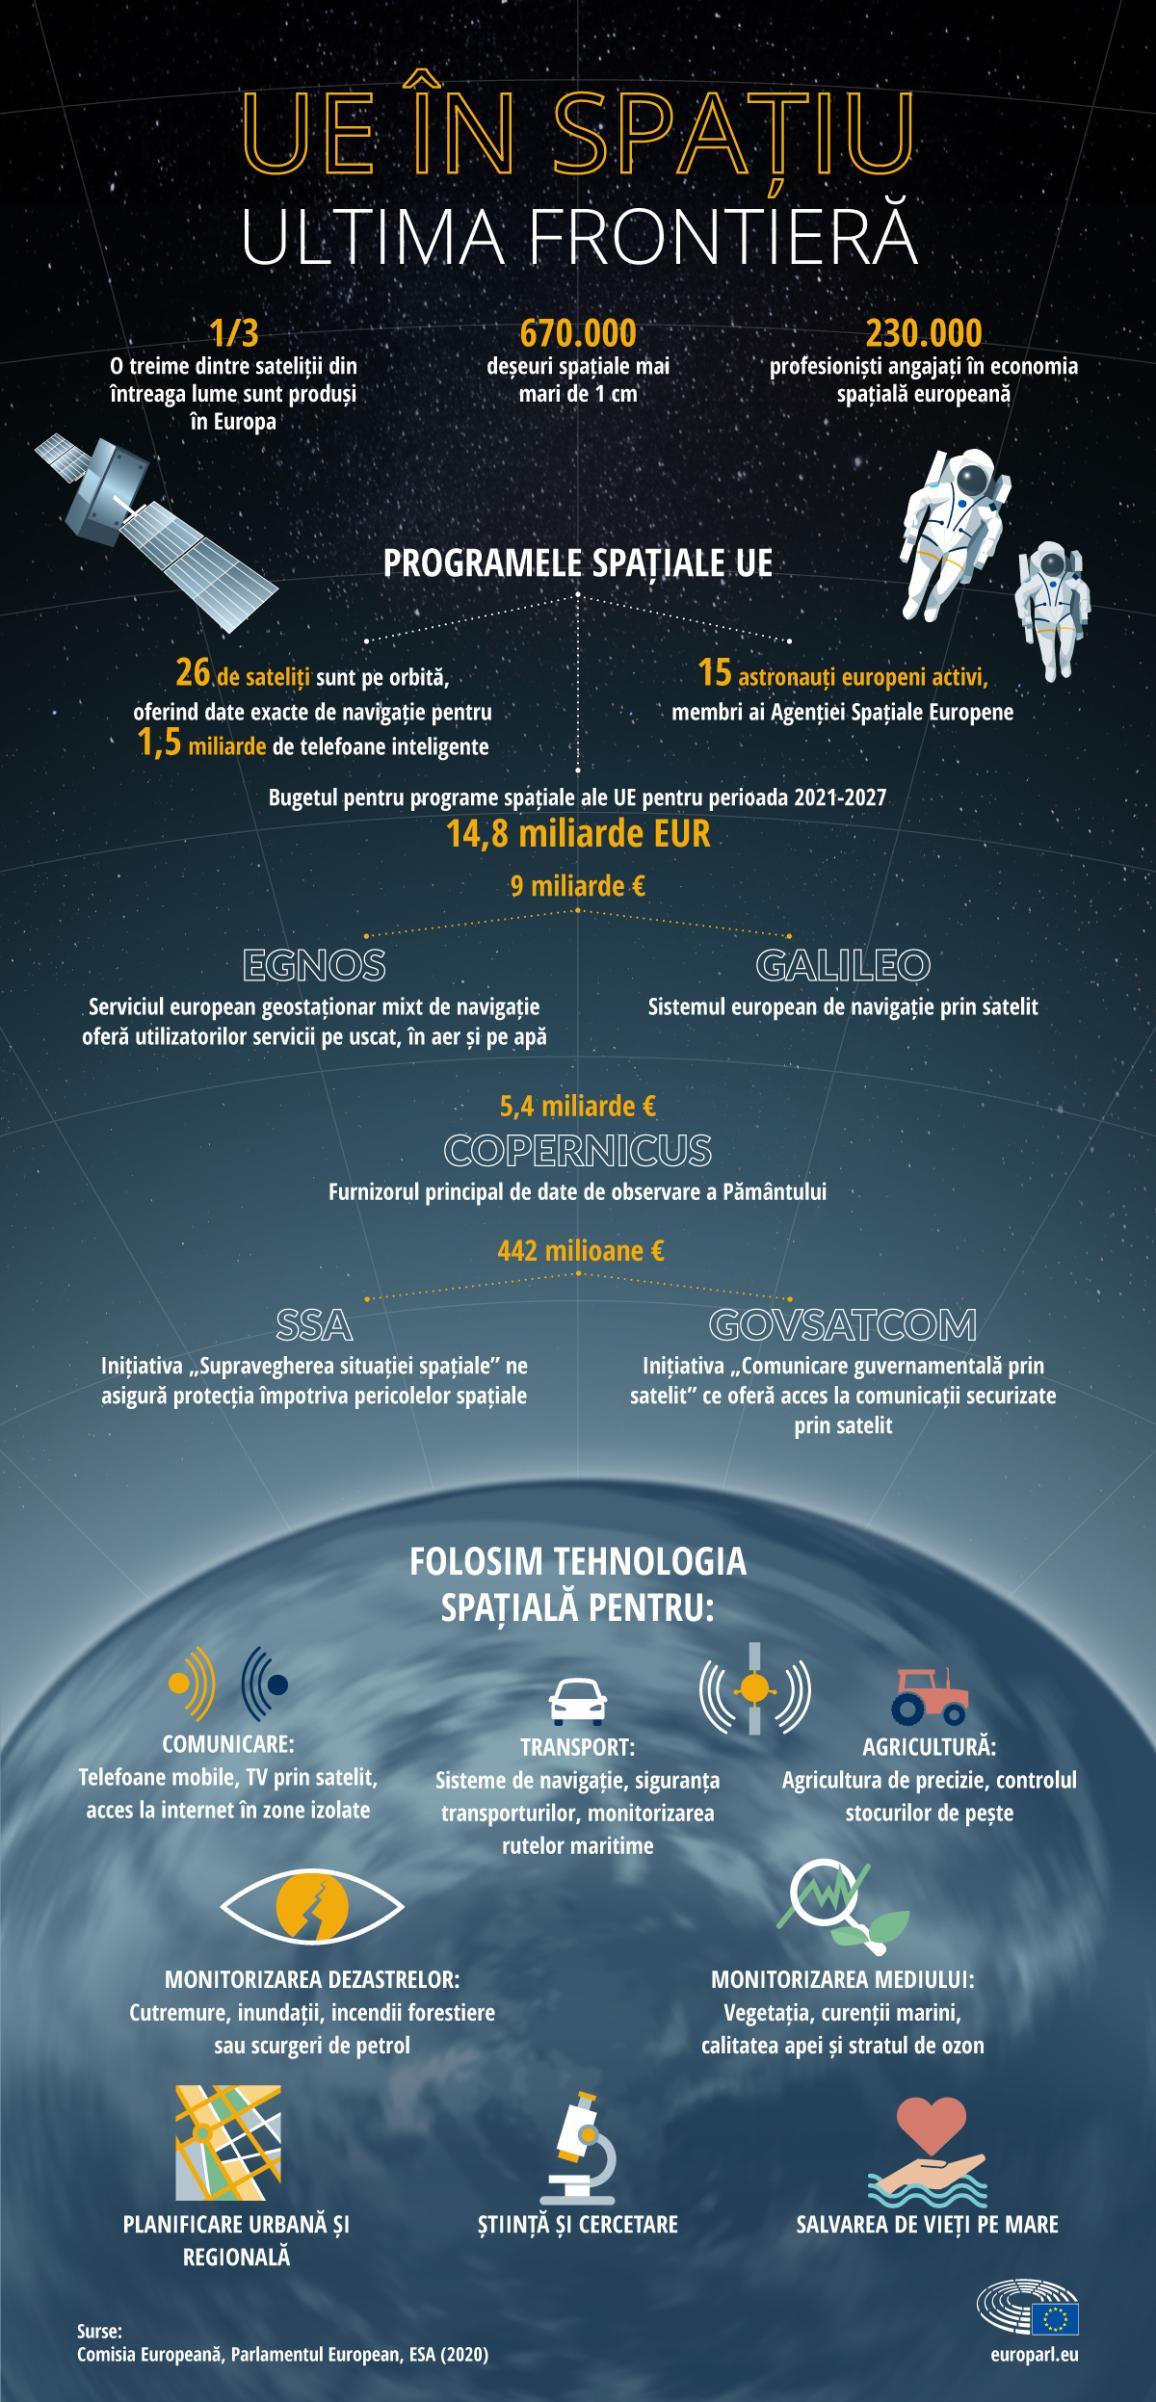 Infografic cu date și cifre despre programele spațiale ale UE, precum și explicații despre folosirea tehnologiei spațiale în viața de zi cu zi